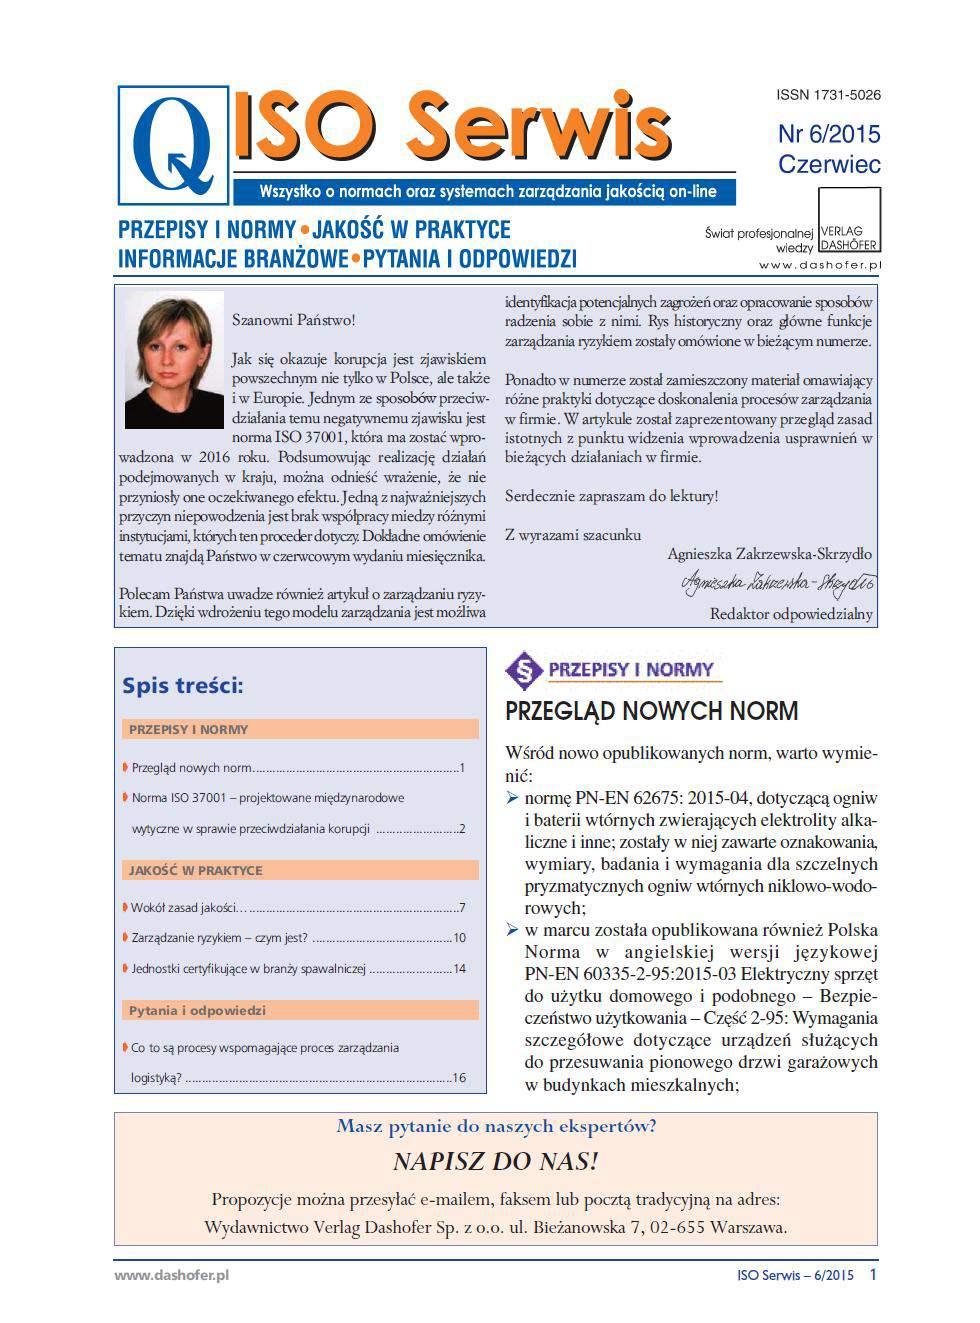 ISO Serwis. Wszystko o normach i systemach zarządzania jakością. Nr 6/2015 - Ebook (Książka PDF) do pobrania w formacie PDF